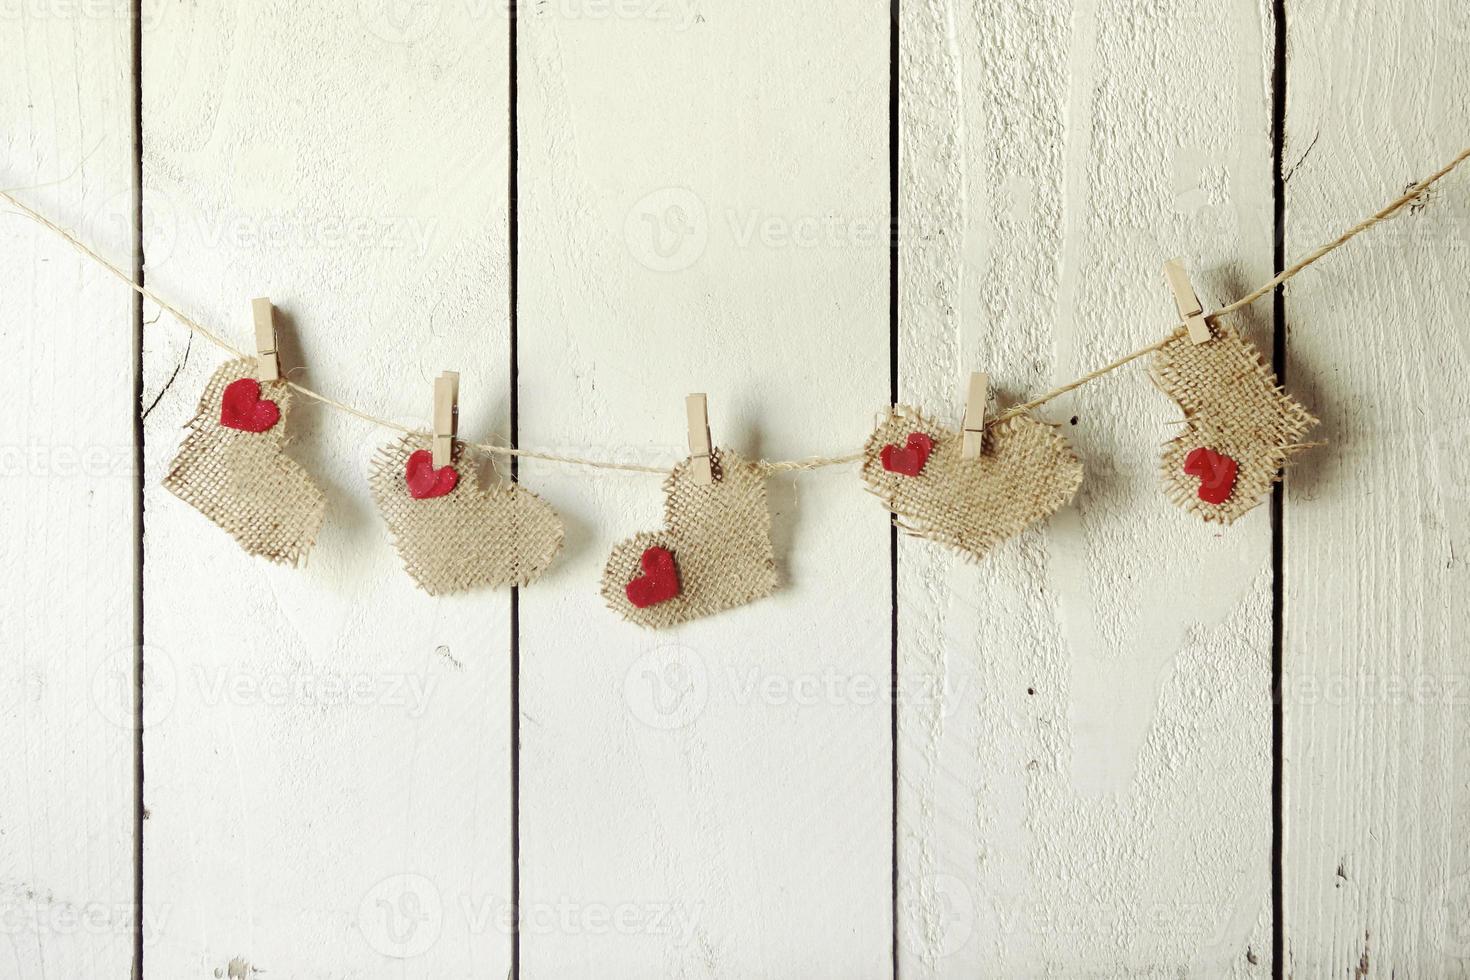 coeurs de jute heureux valentine accrochés à un mur en bois photo